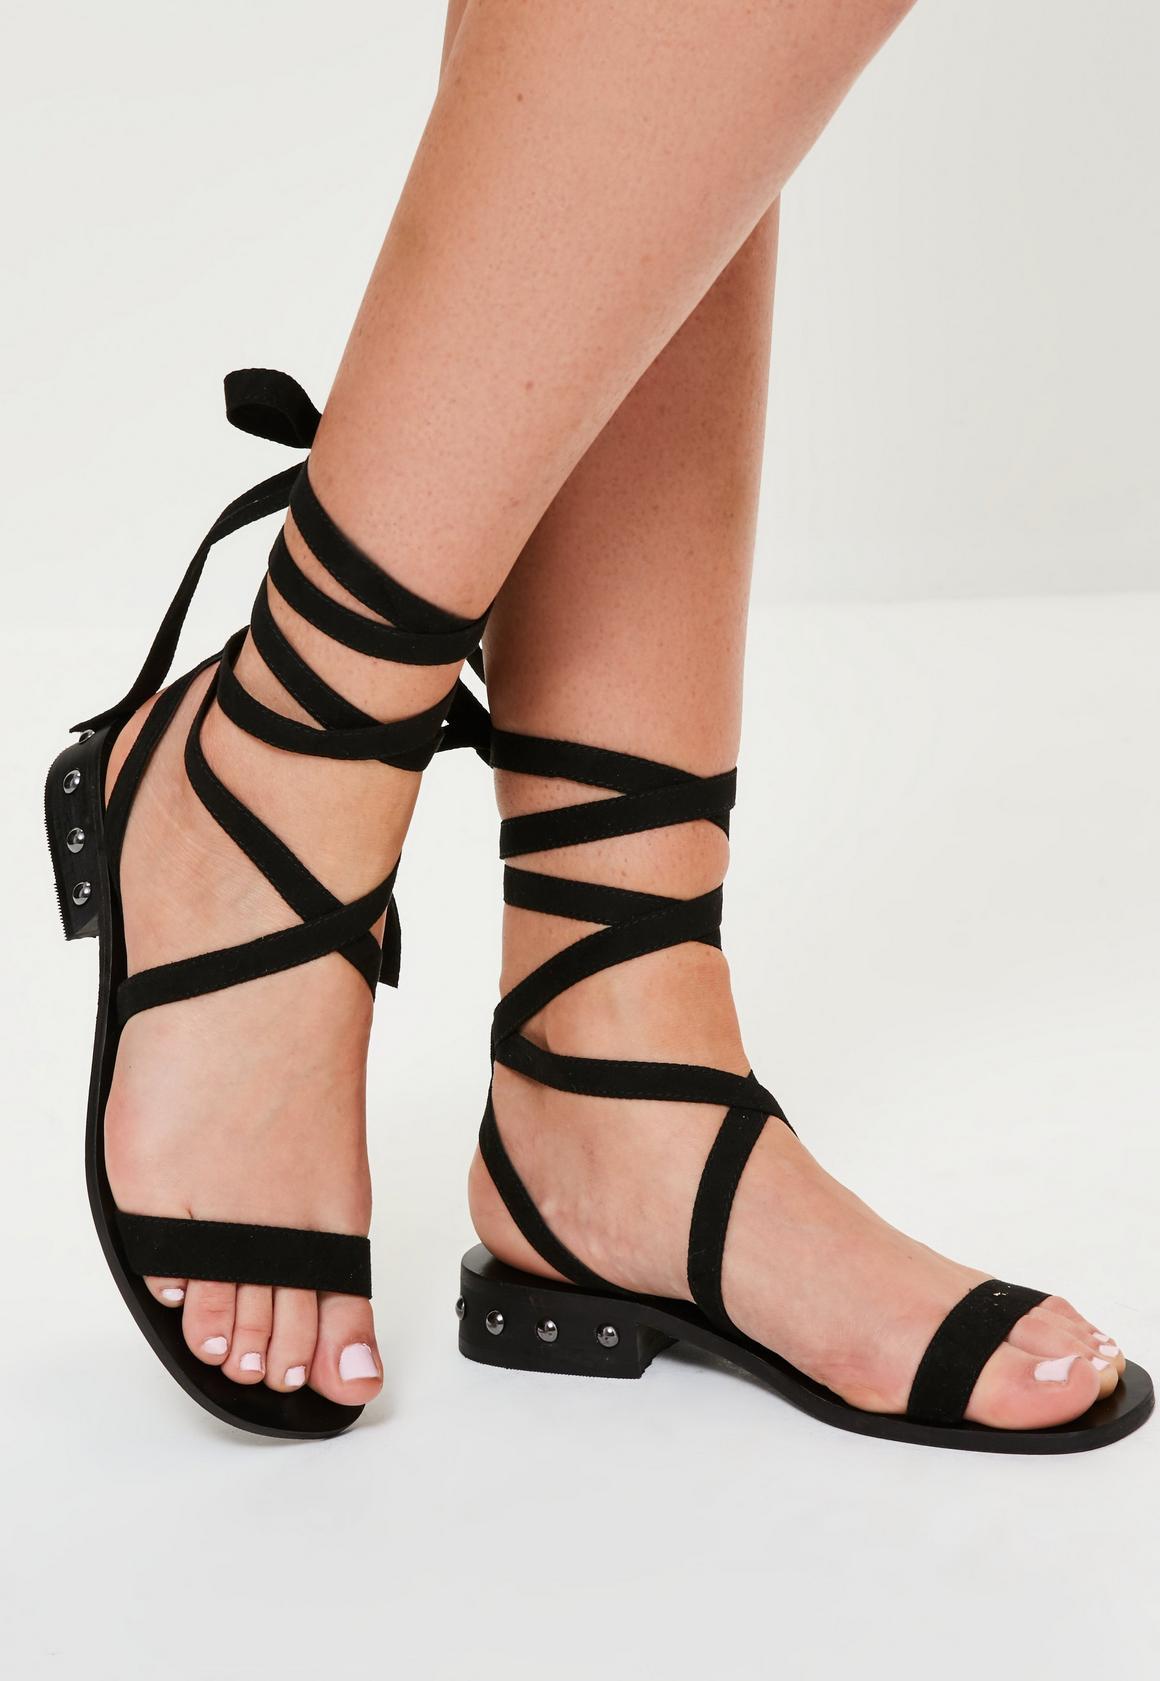 Flat heel sandals images - Black Studded Heel Strap Flat Sandals